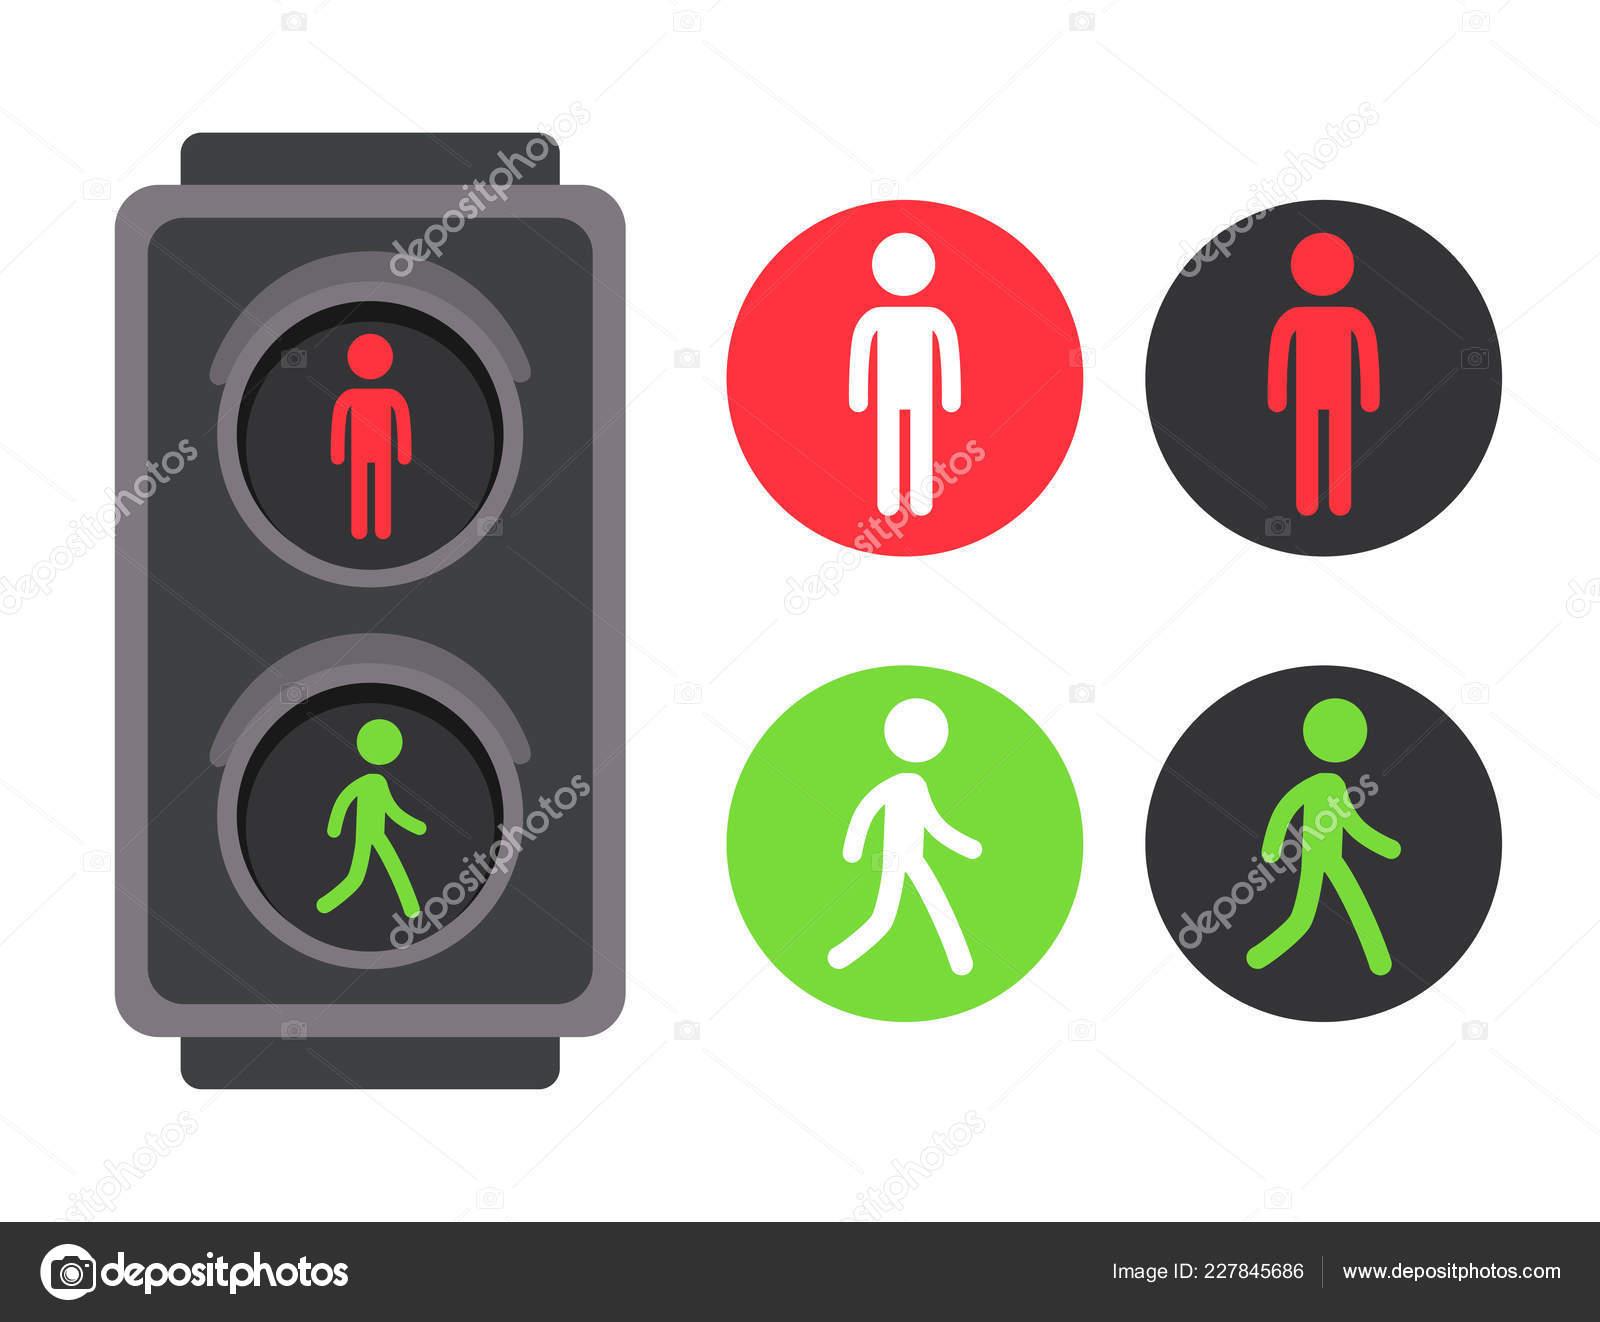 Картинки знак стоп и светофор на жд переезде удовольствием будет